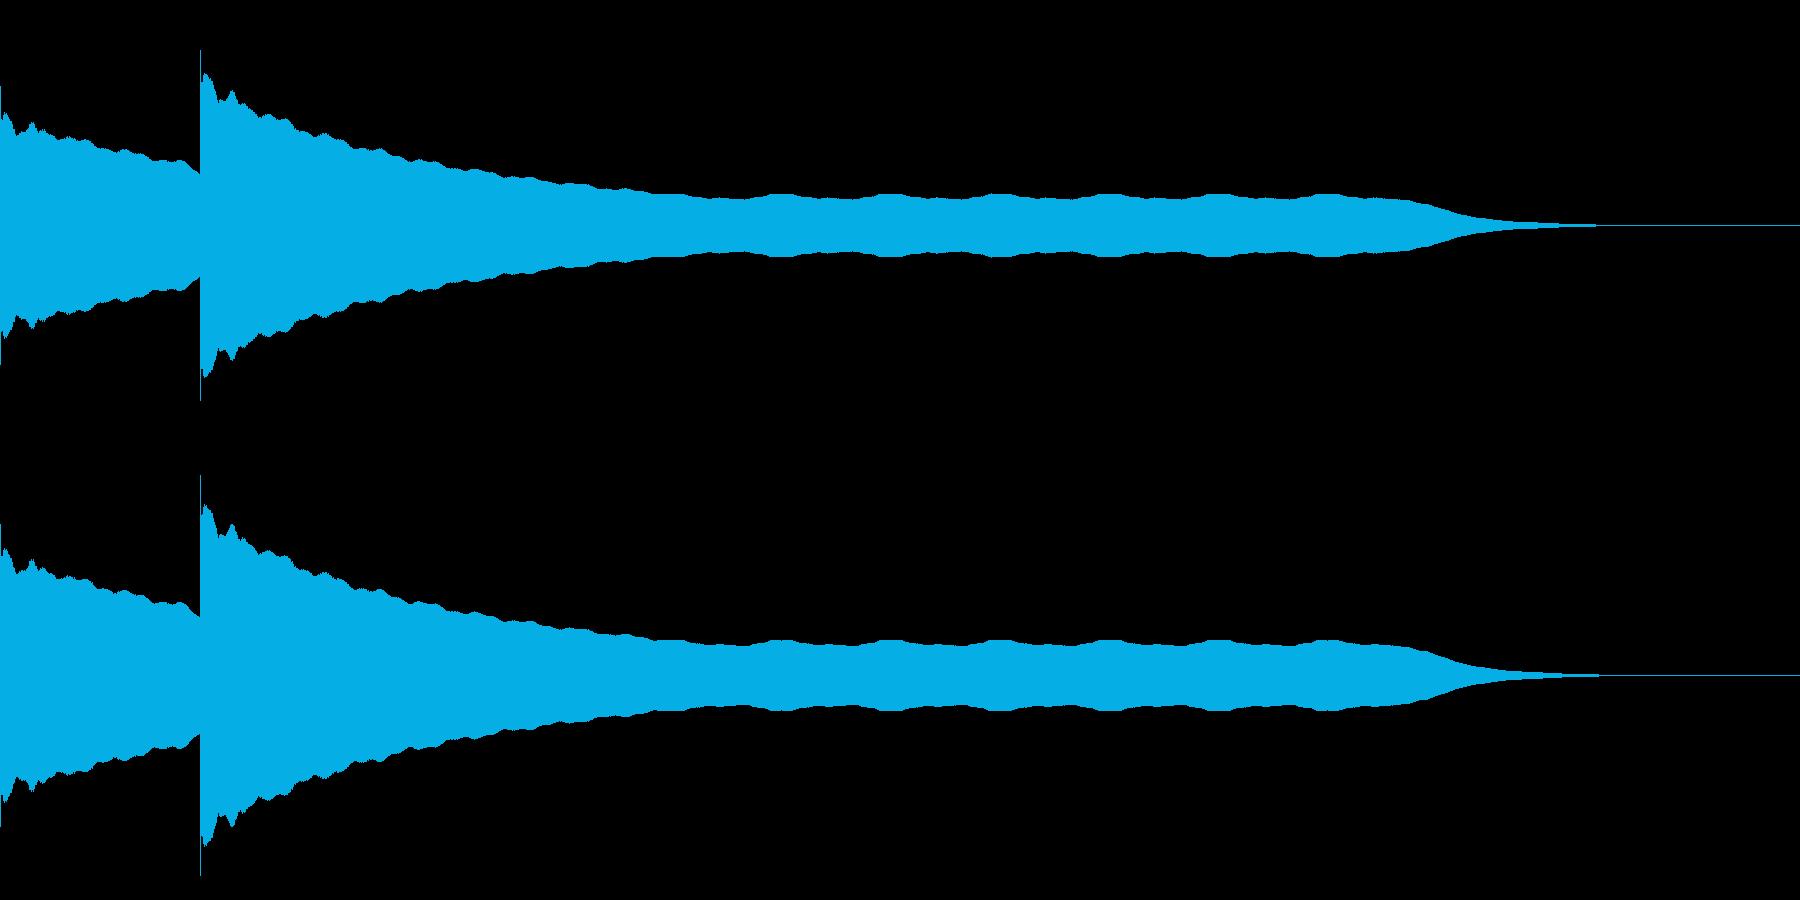 チーンチーン 仏壇の鐘の音3の再生済みの波形